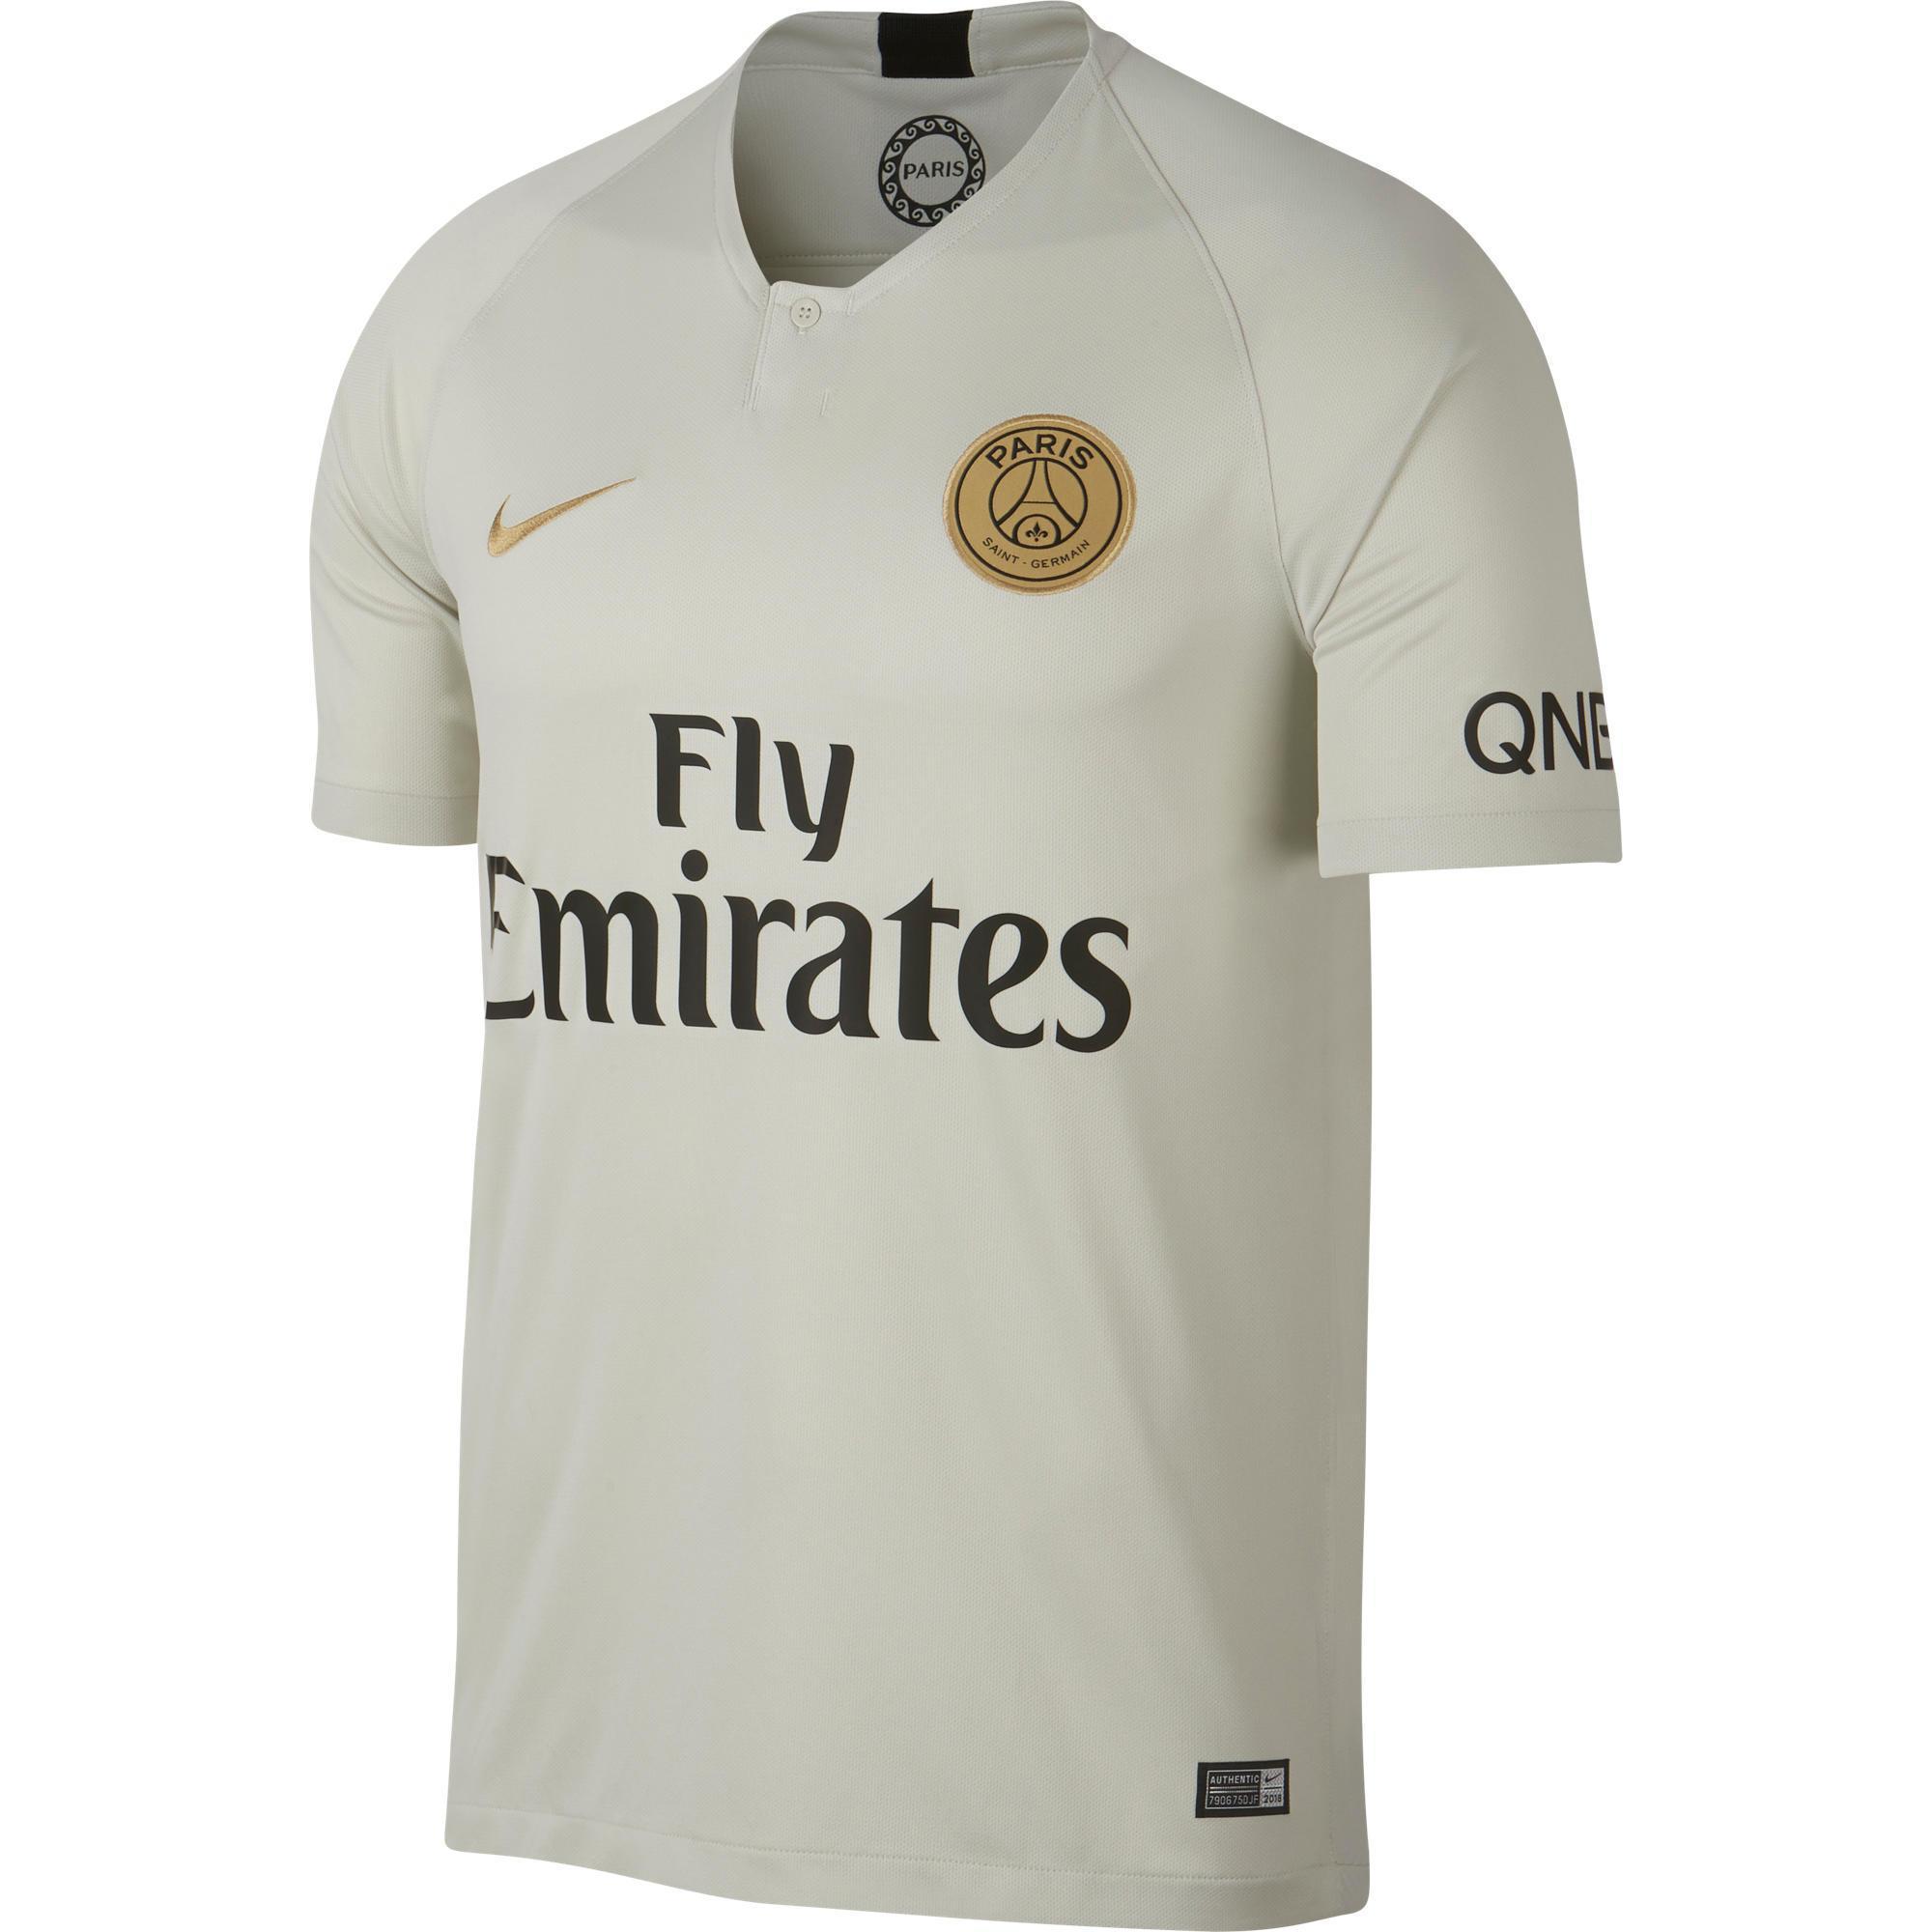 Camisetas Oficiales Equipos Fútbol  000ae84185c02